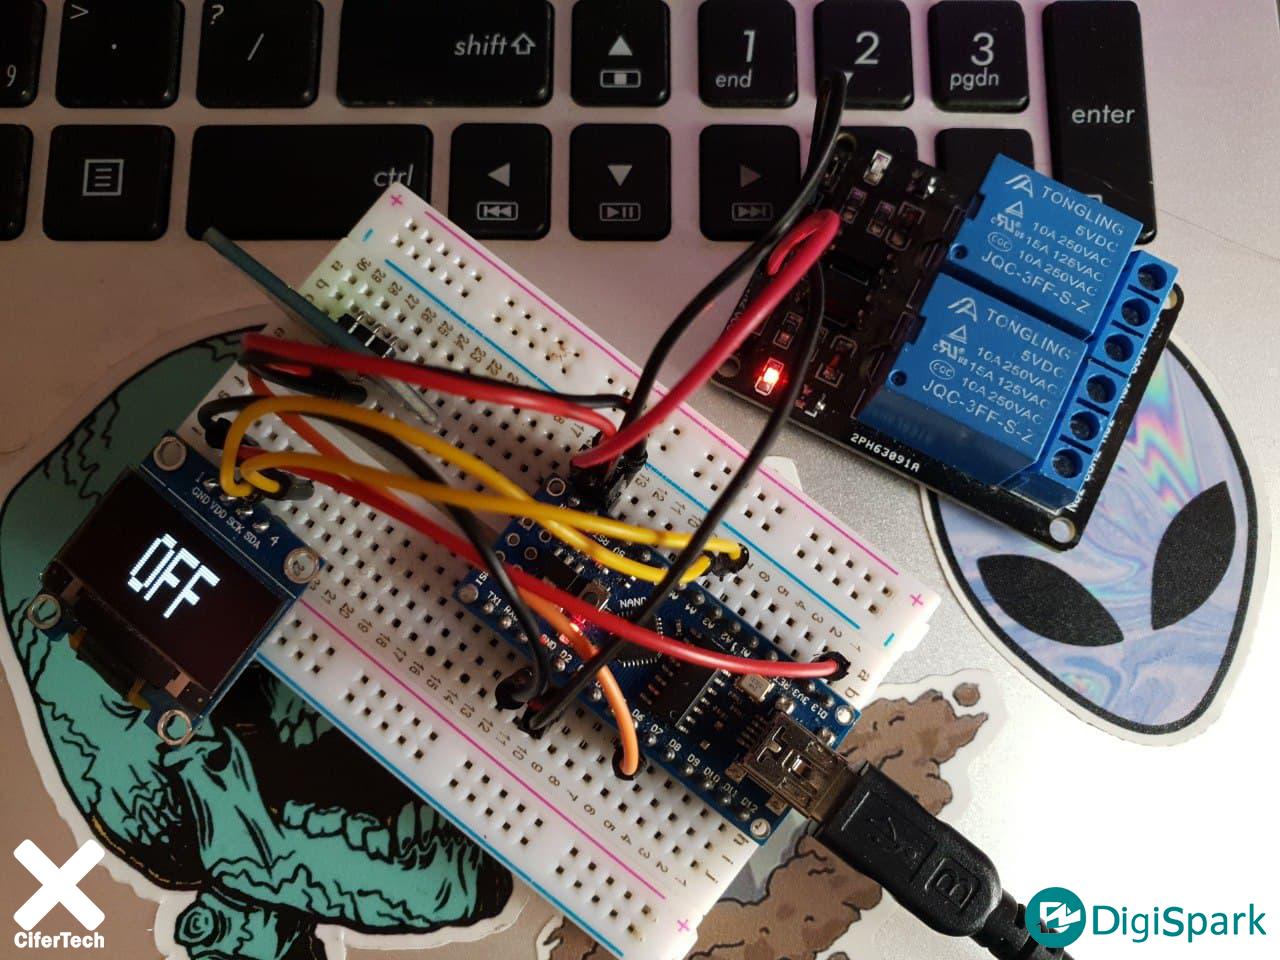 پروژه کنترل وسایل برقی با ماژول تاچ و OLED - دیجی اسپارک